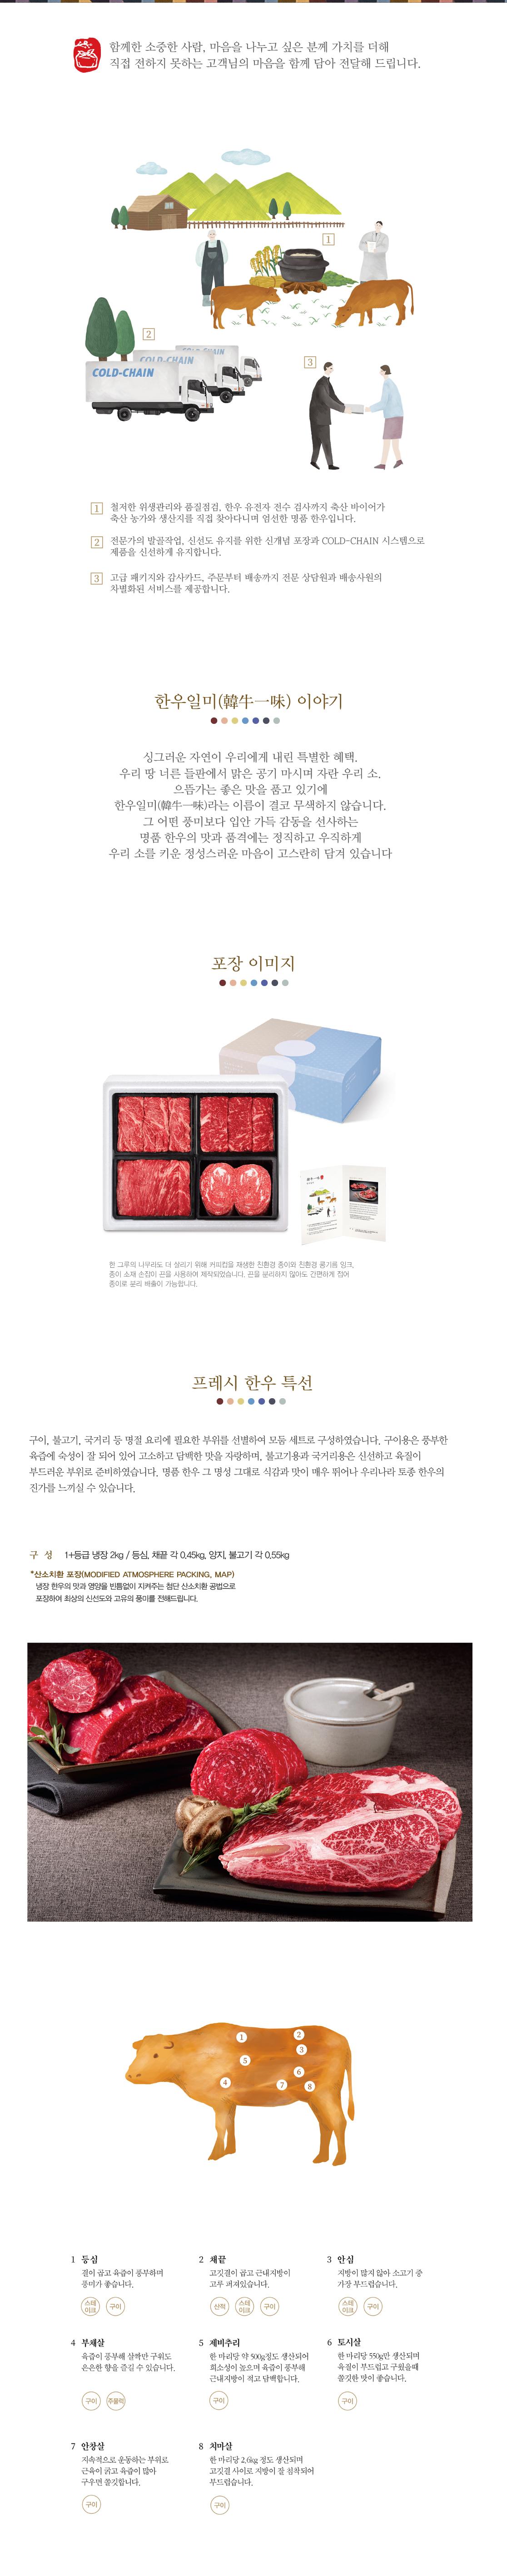 프레시한우특선 2kg 1+등급 냉장 2kg / 등심, 채끝 각 0.45kg, 양지, 불고기 각 0.55kg